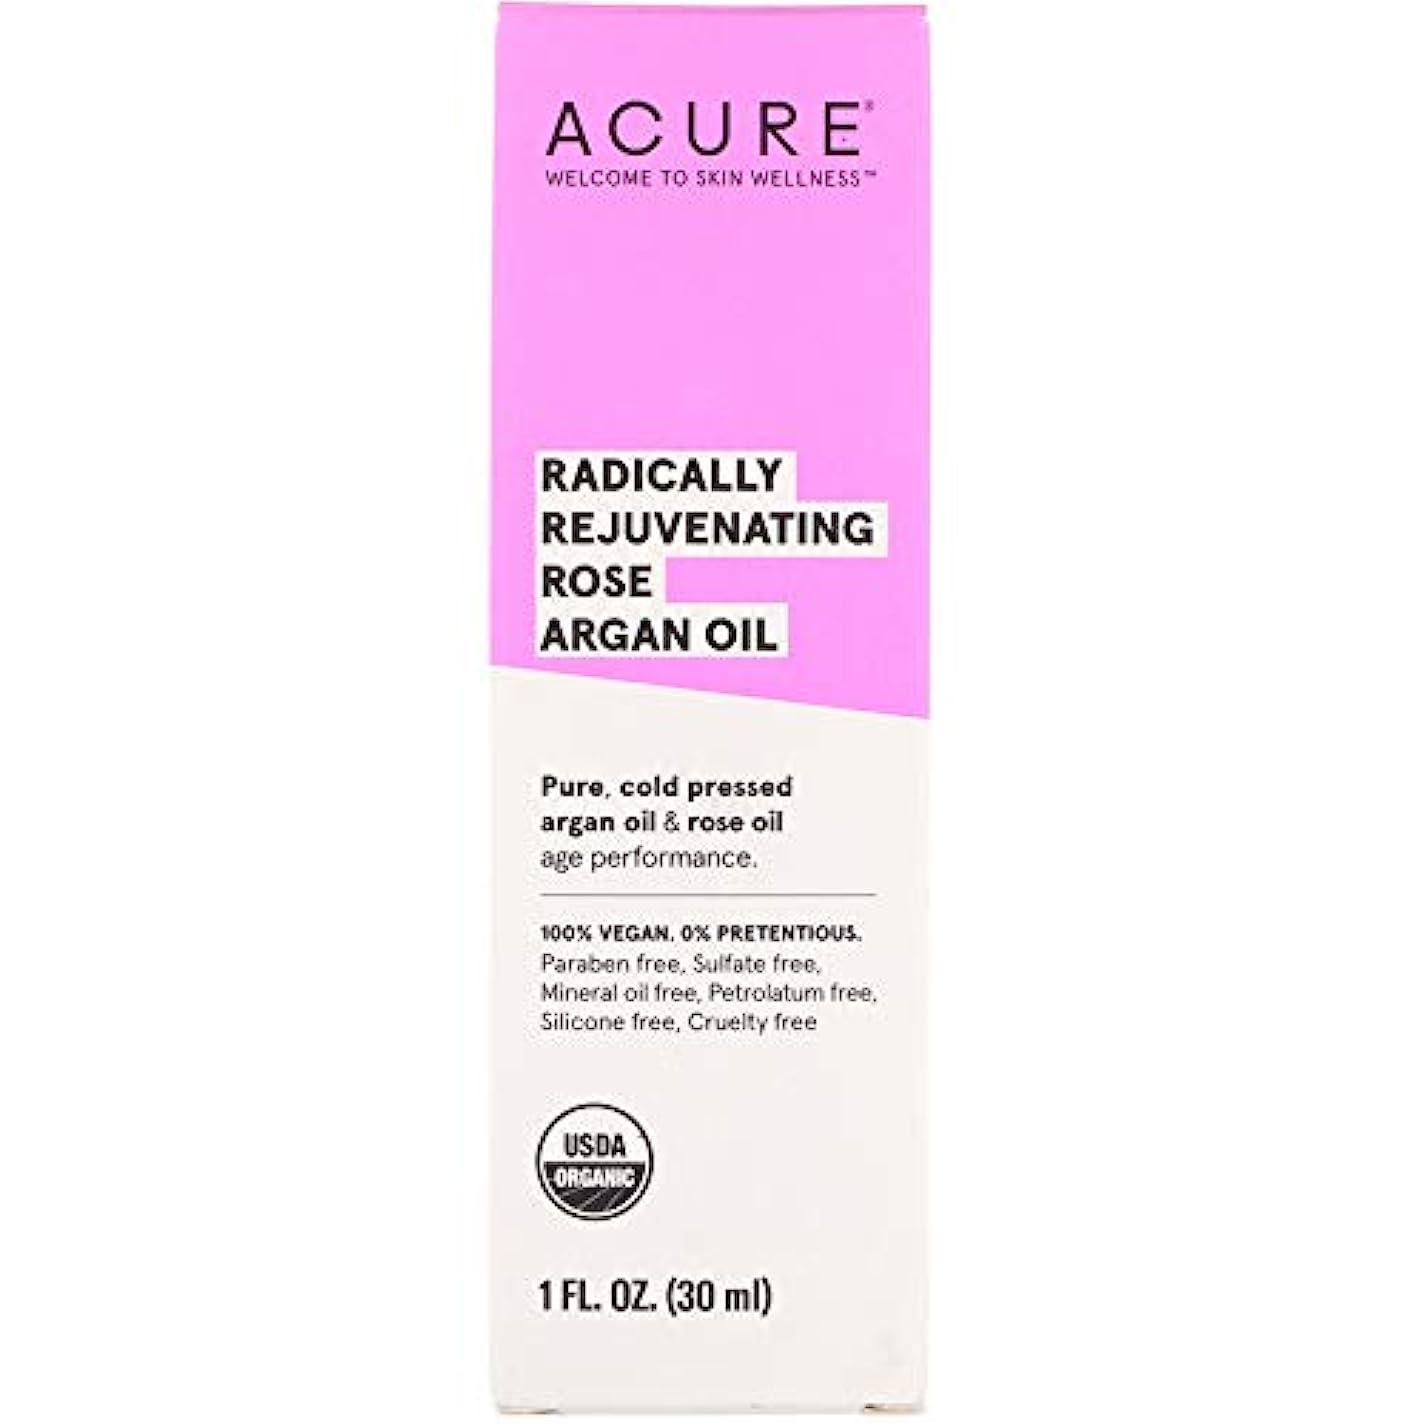 ファントーク団結Acure Organics, Radically Rejuvenating, Rose Argan Oil, 1 fl oz ローズアルガンオイル (30 ml) [並行輸入品]